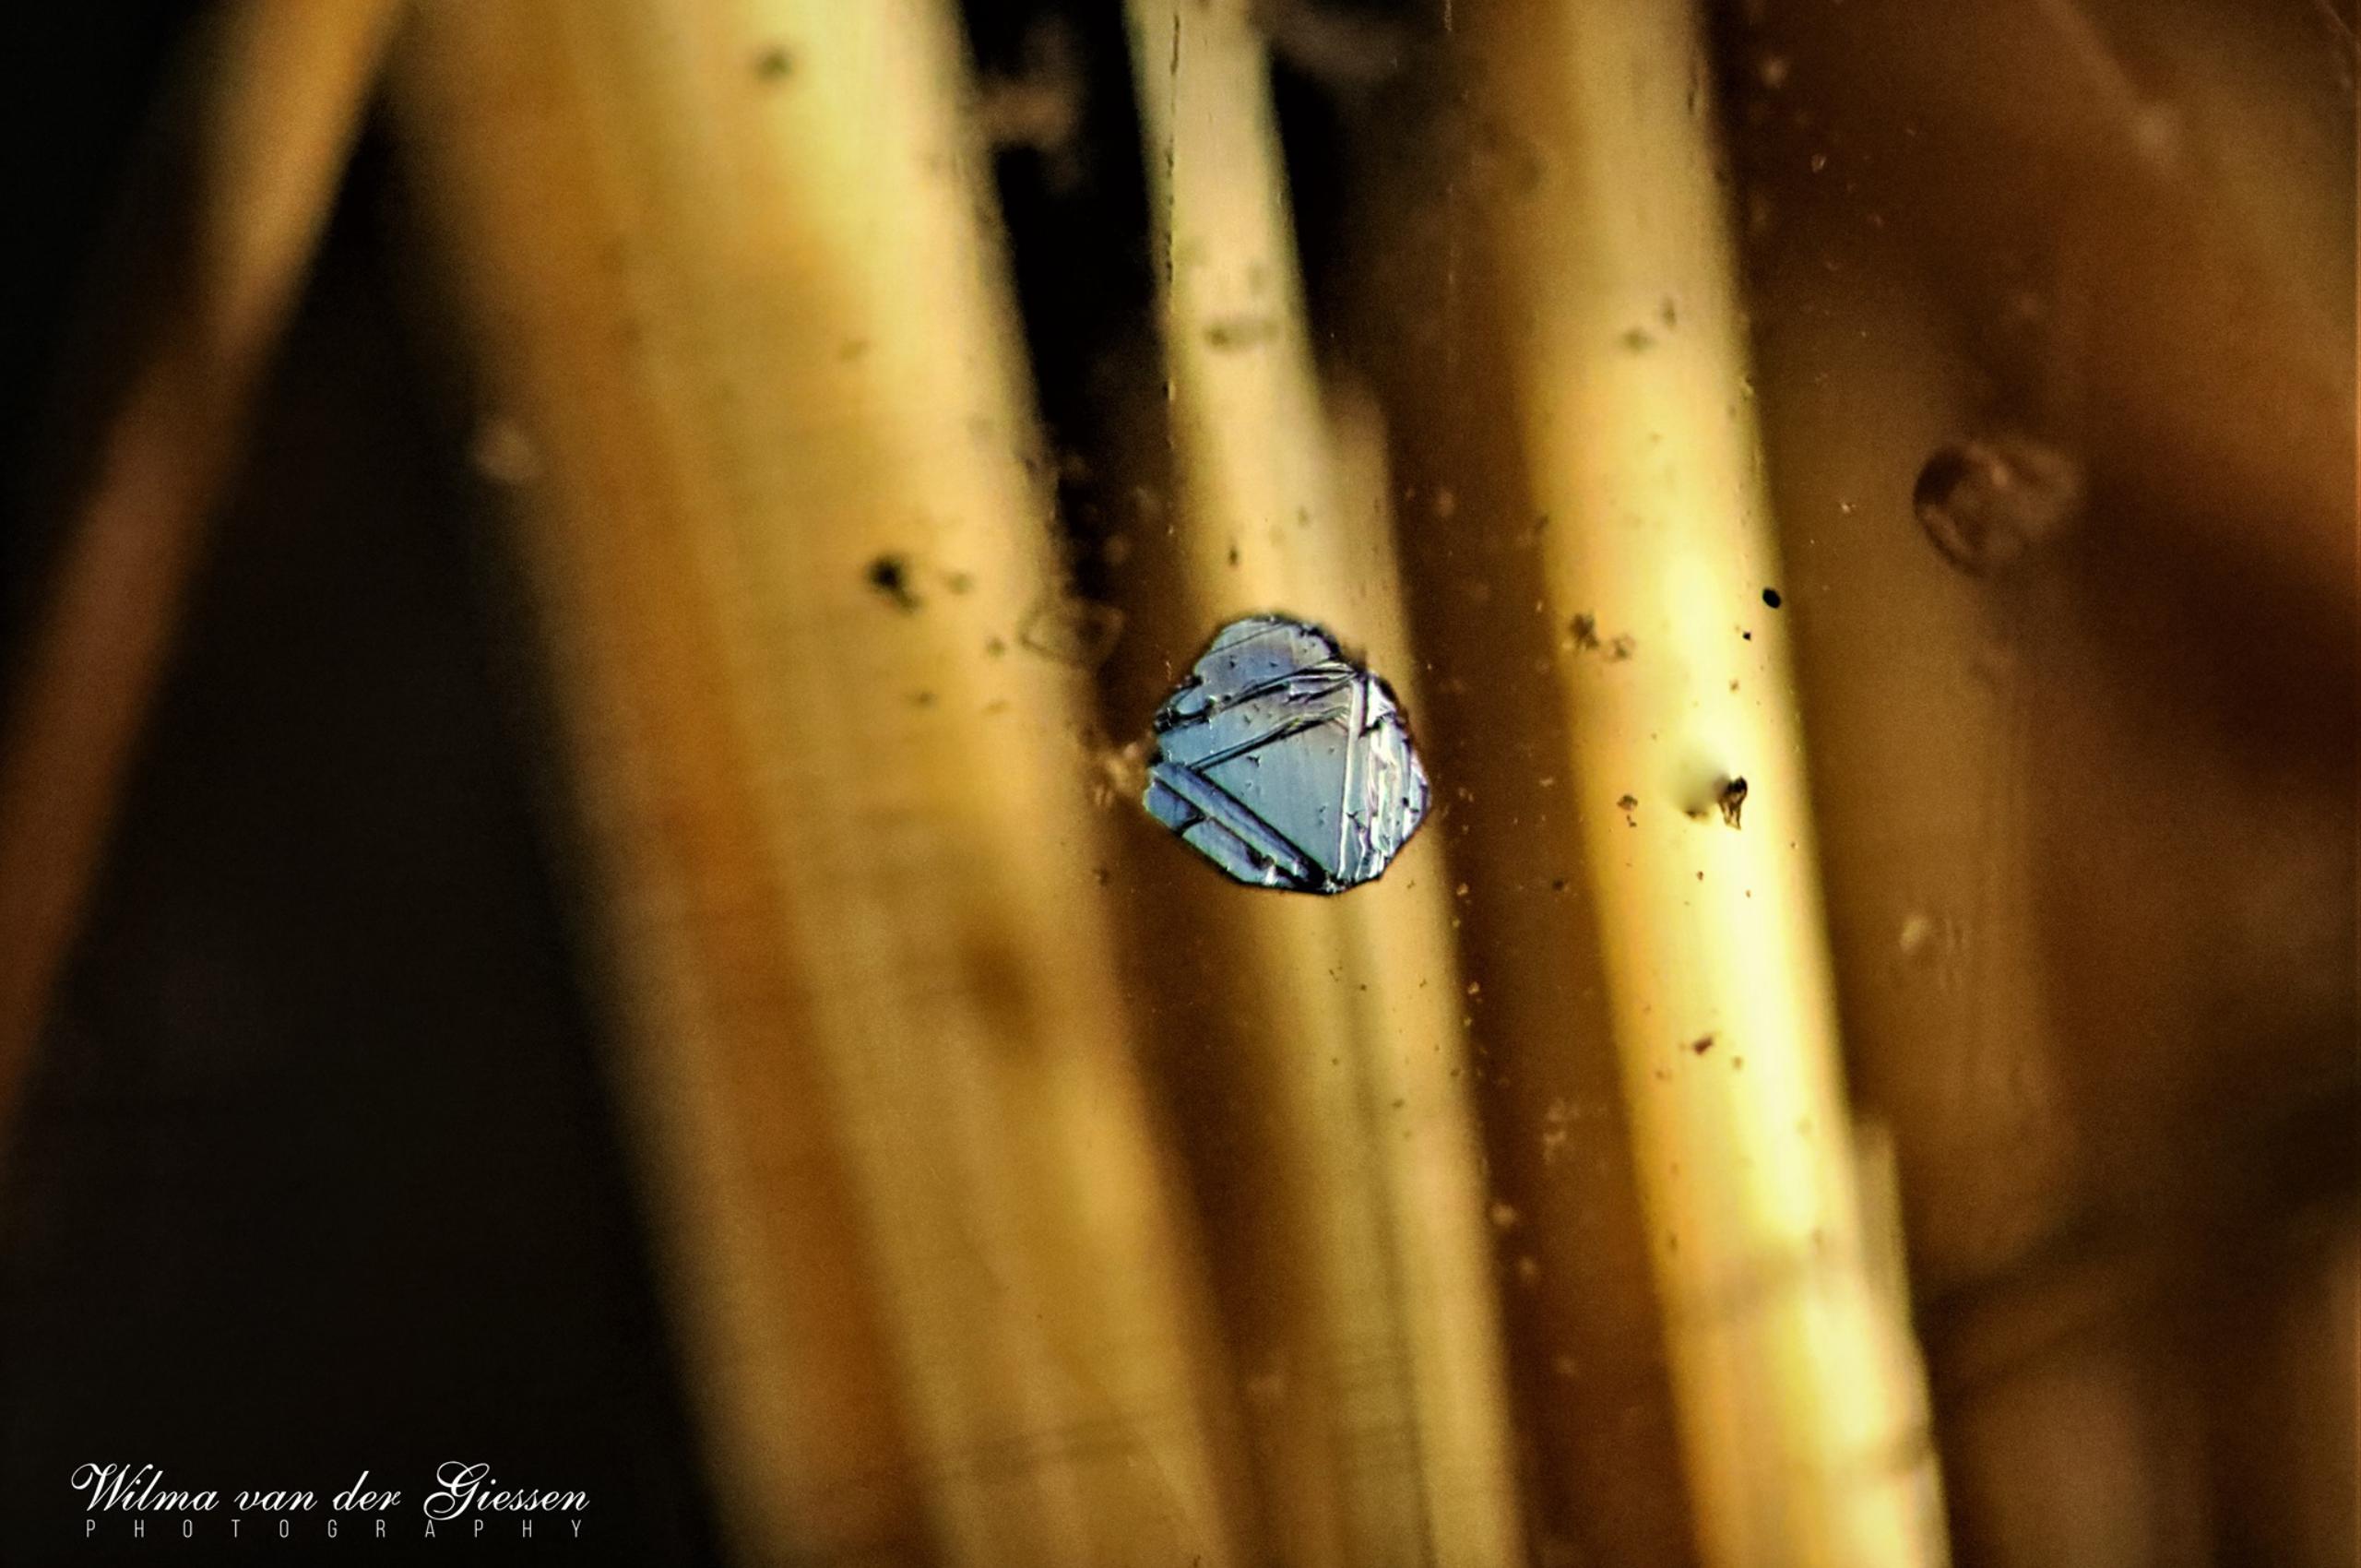 Hematite in Quartz from Brazil. Photo by Wilma Van Der Giessen